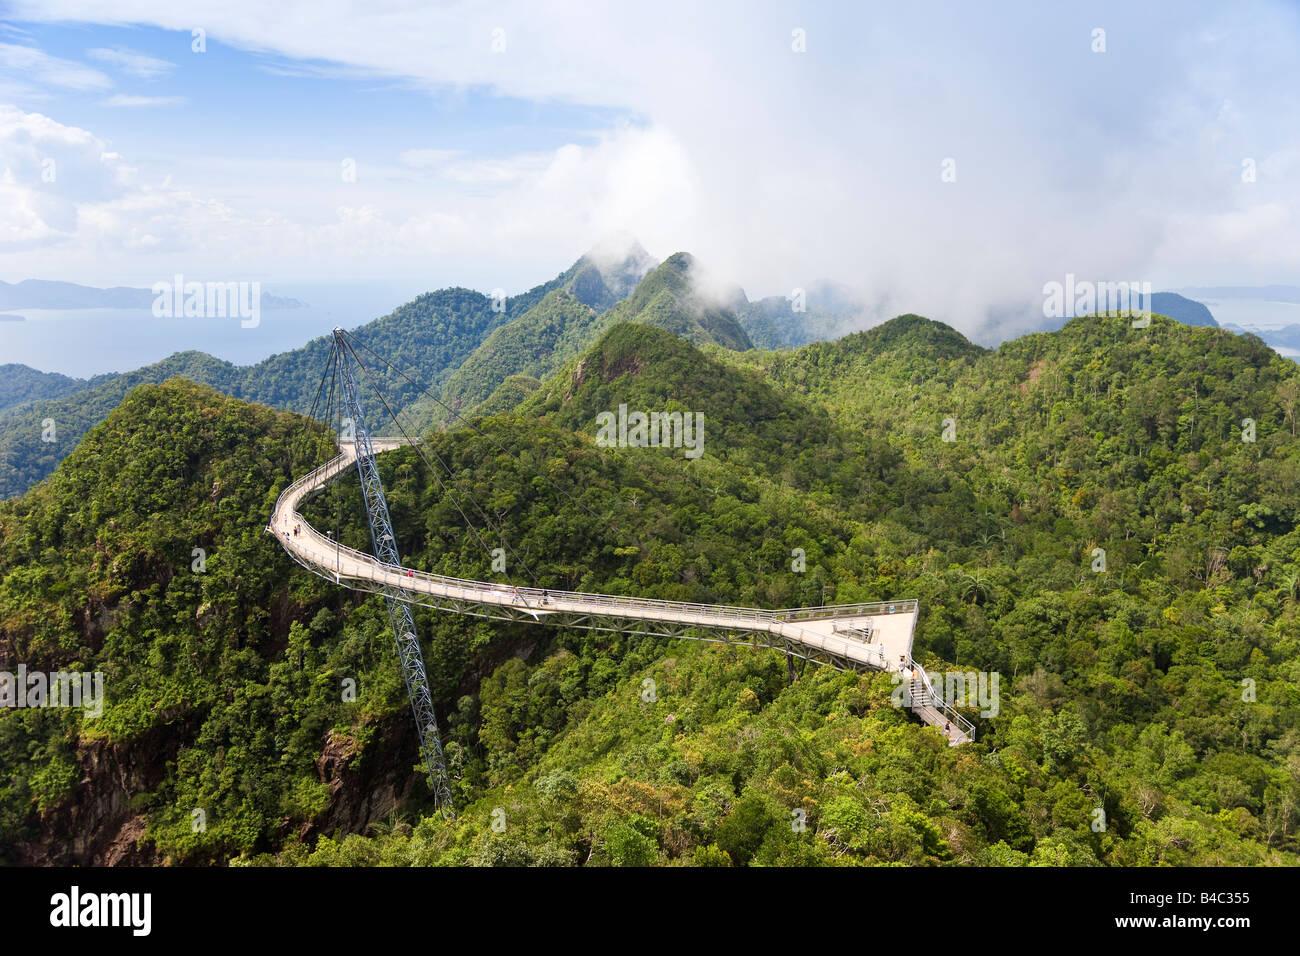 En Asie, la Malaisie, l'île de Langkawi, Pulau Langkawi, suspension suspendue au-dessus de l'allée Photo Stock